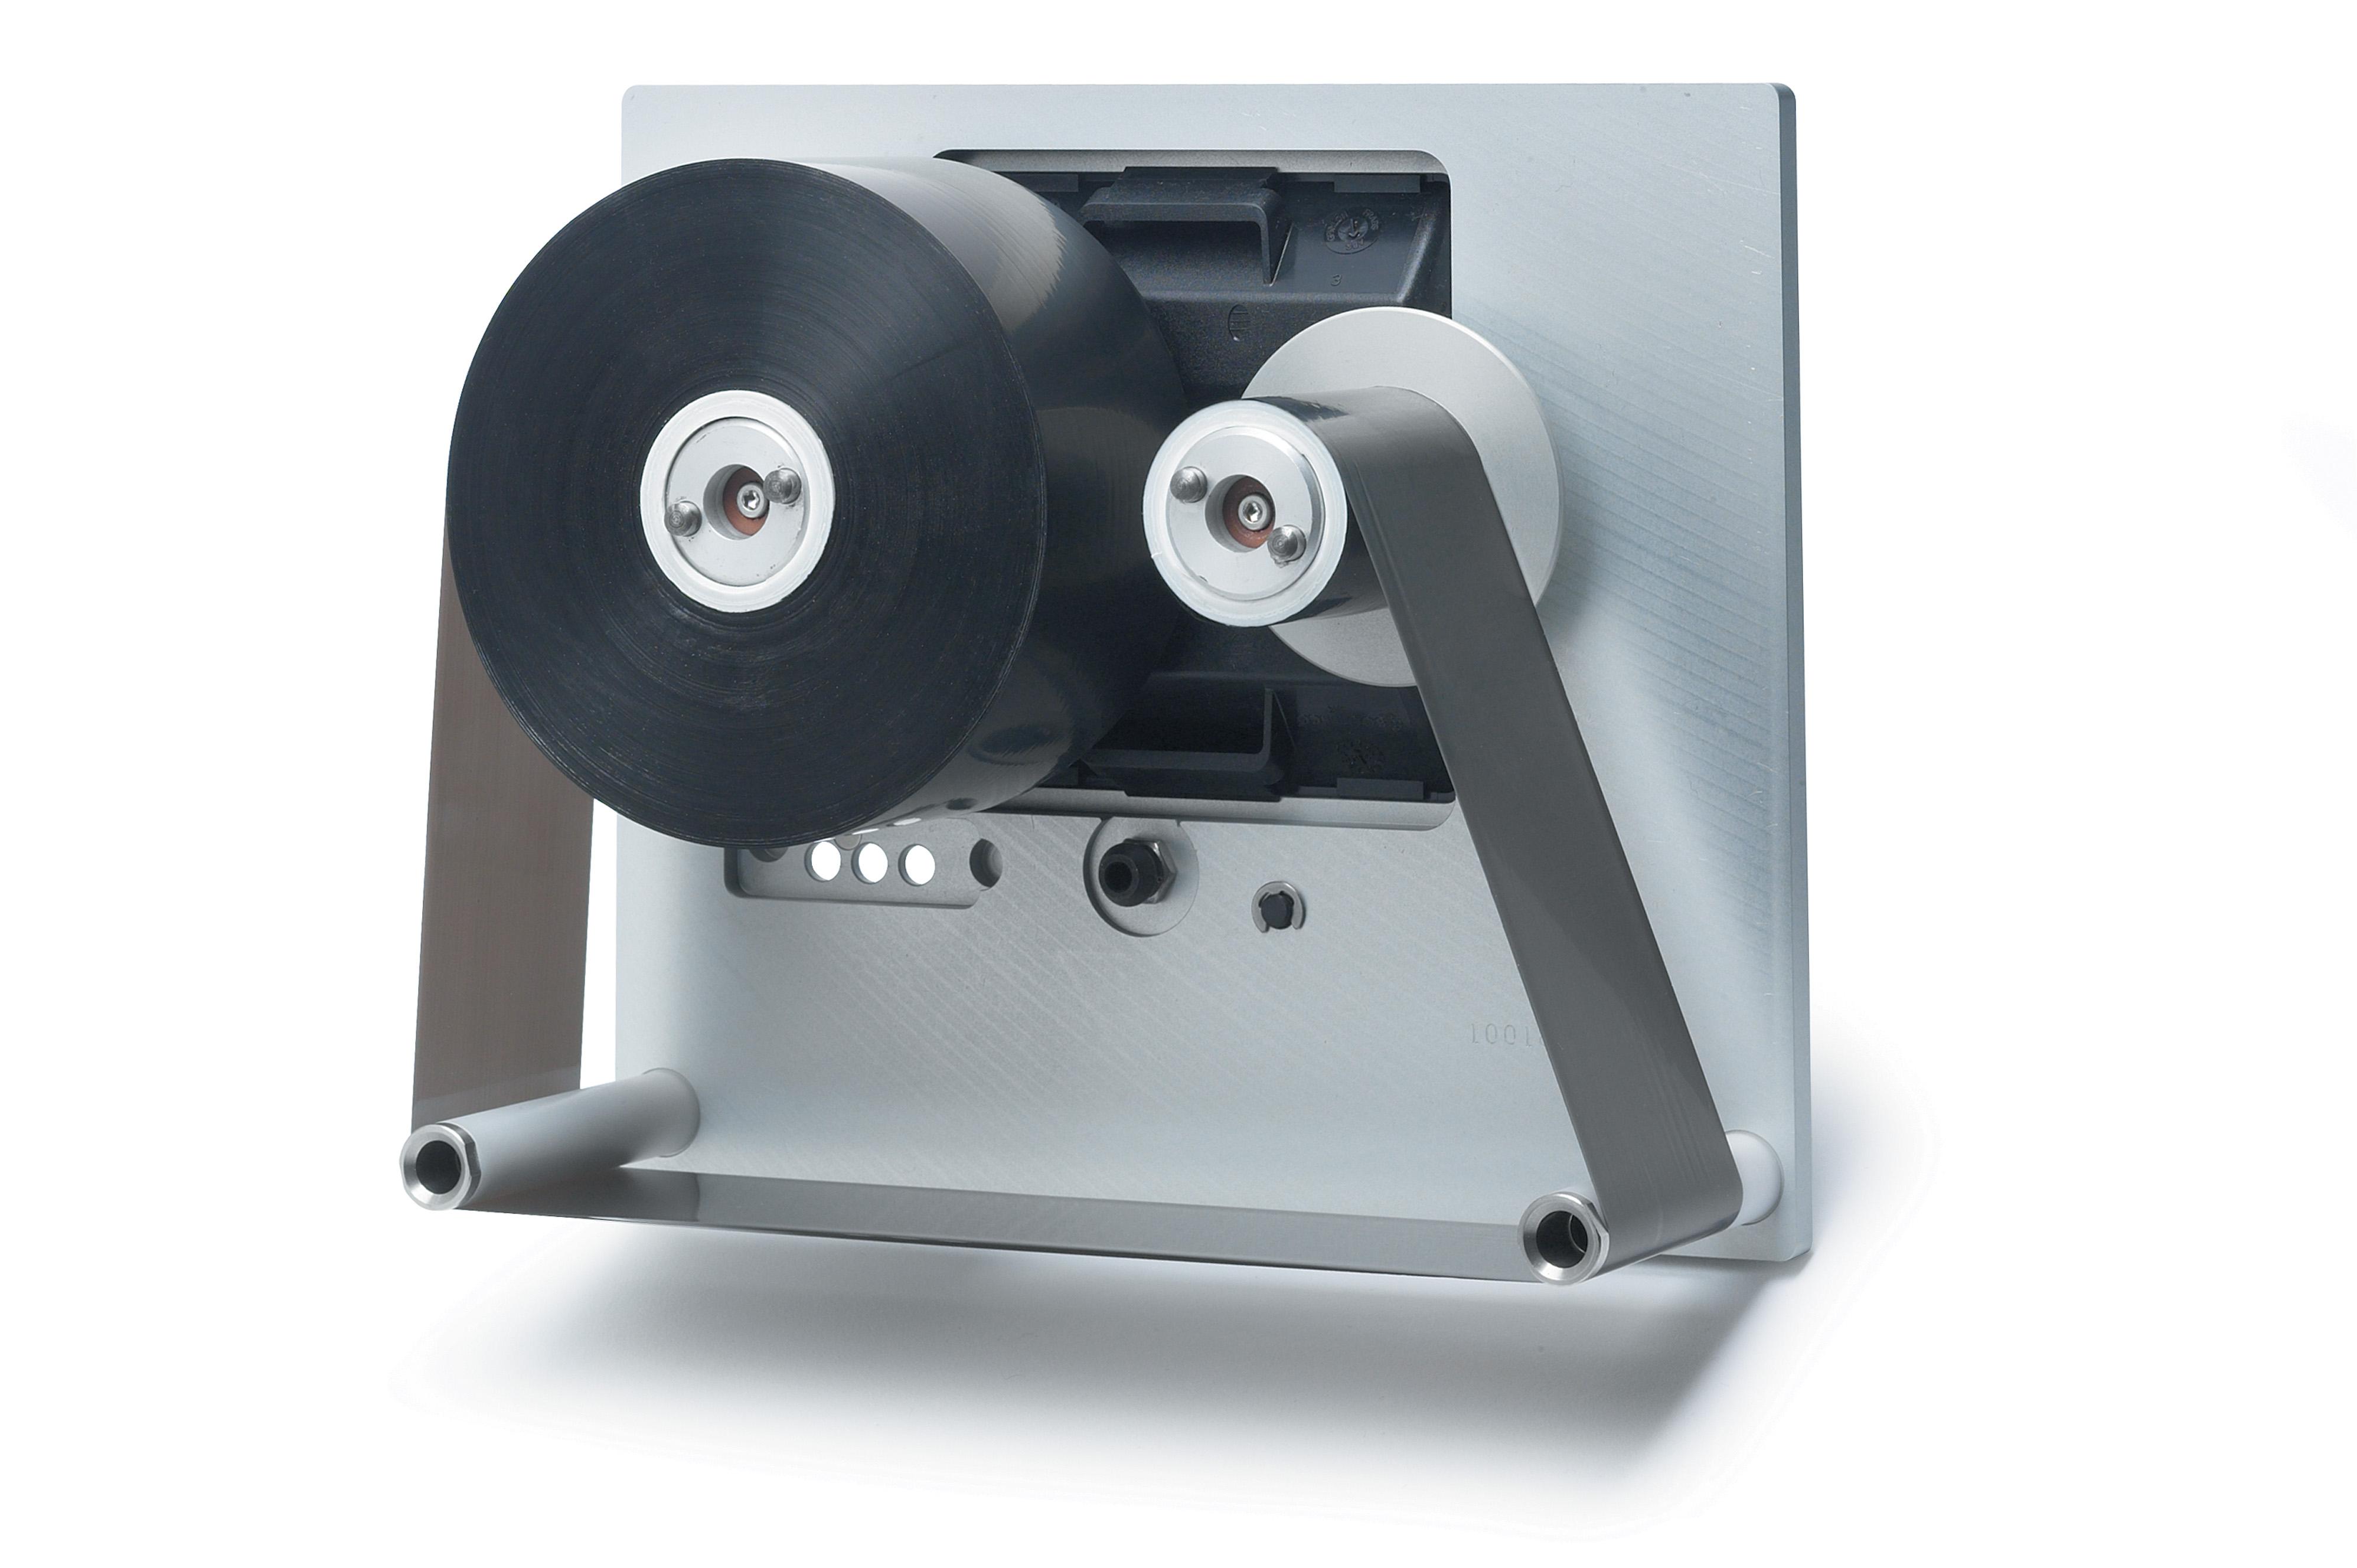 Termotransferové tiskárny jsou ideální pro aplikace v potravinářském, farmaceutickém nebo hardwarové...